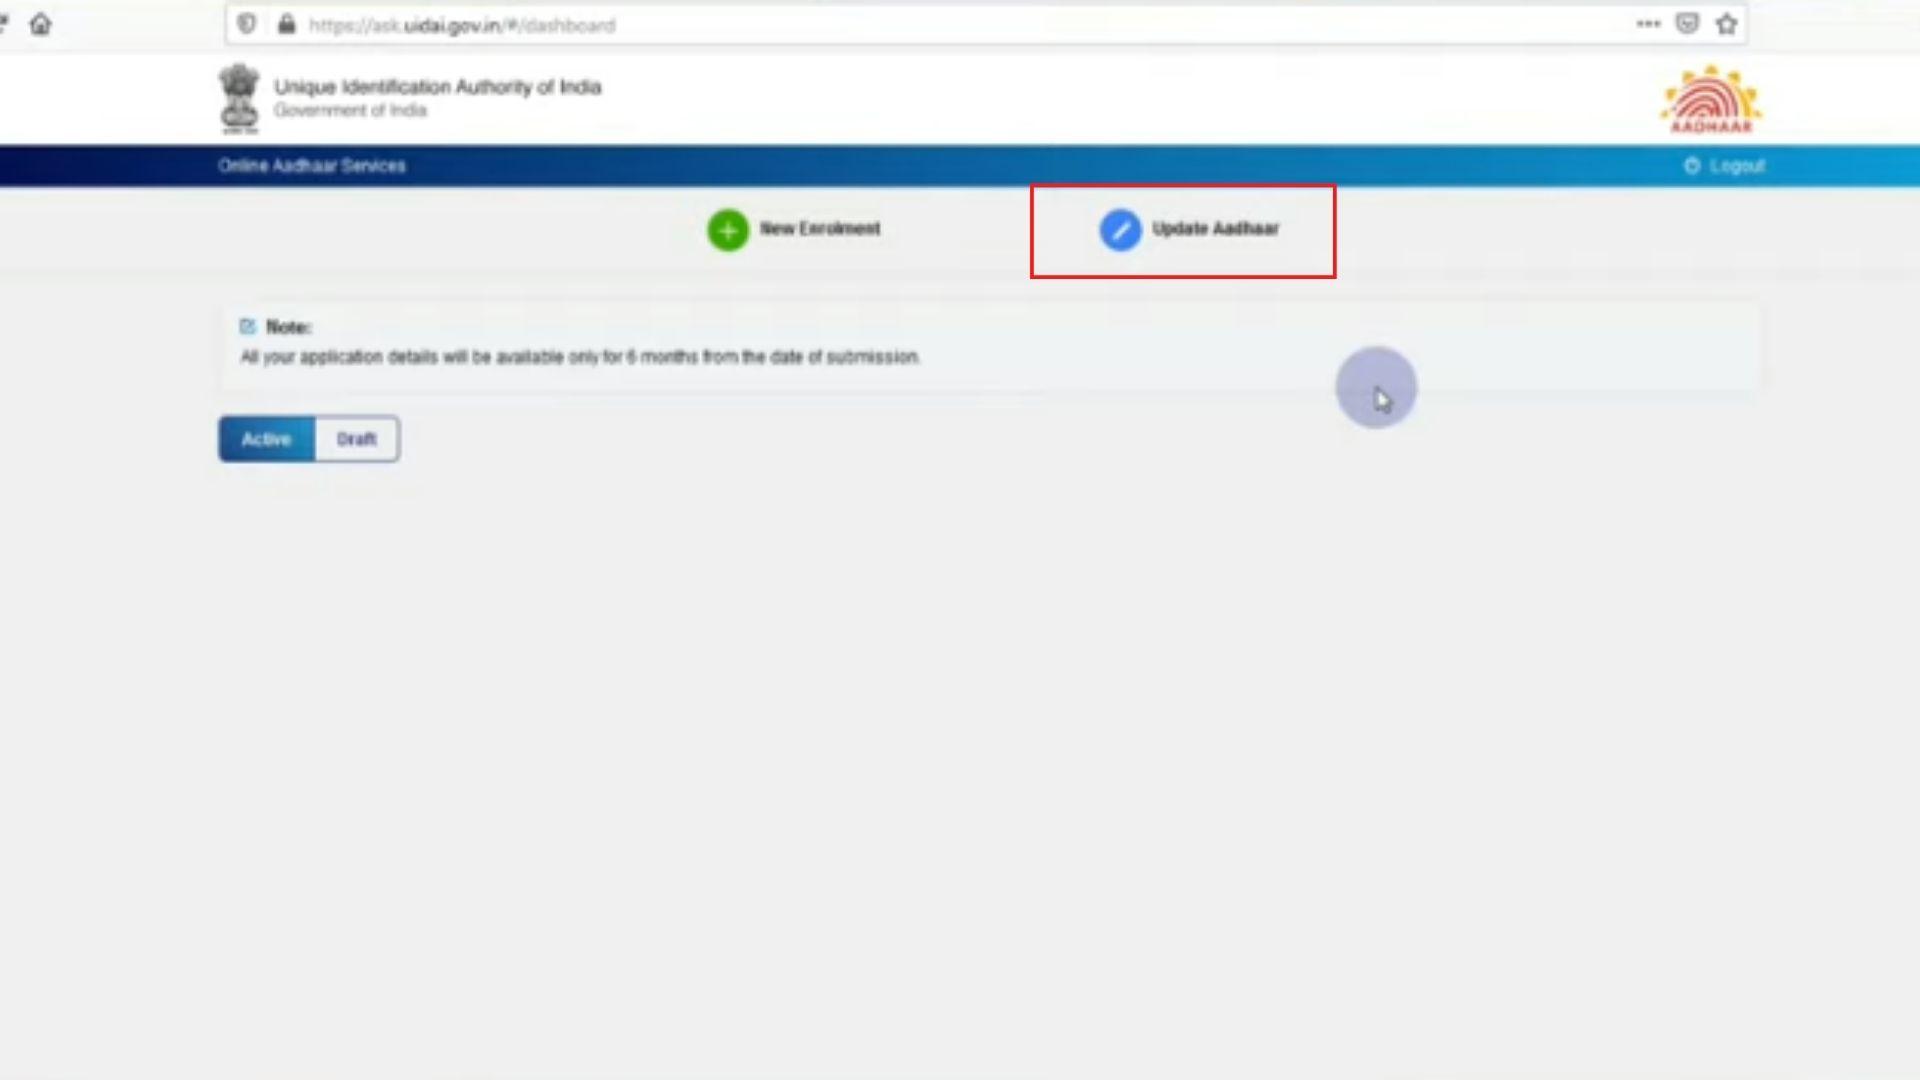 click to update Aadhaar